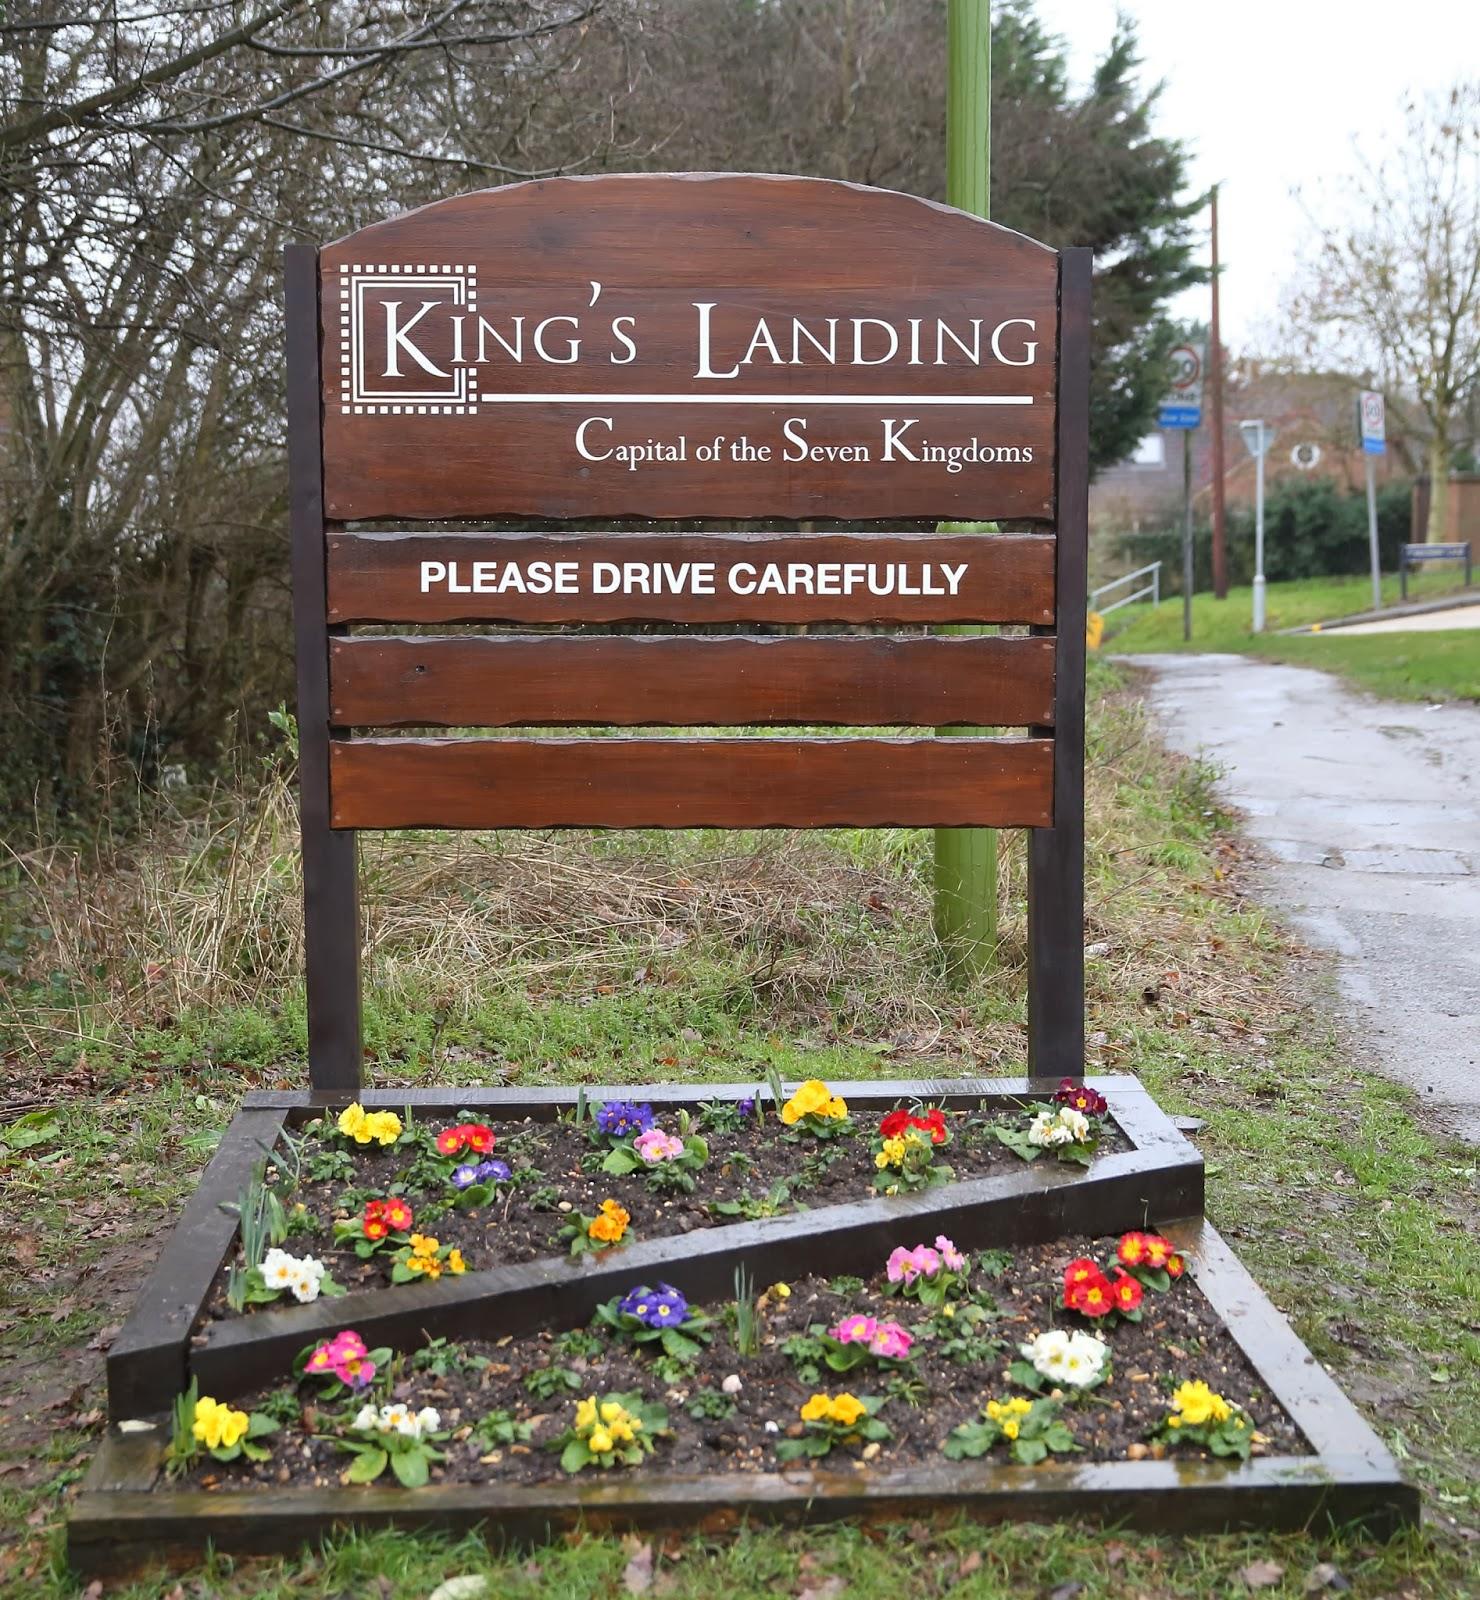 Kings Langley renombrado como King's Landing - Juego de Tronos en los siete reinos